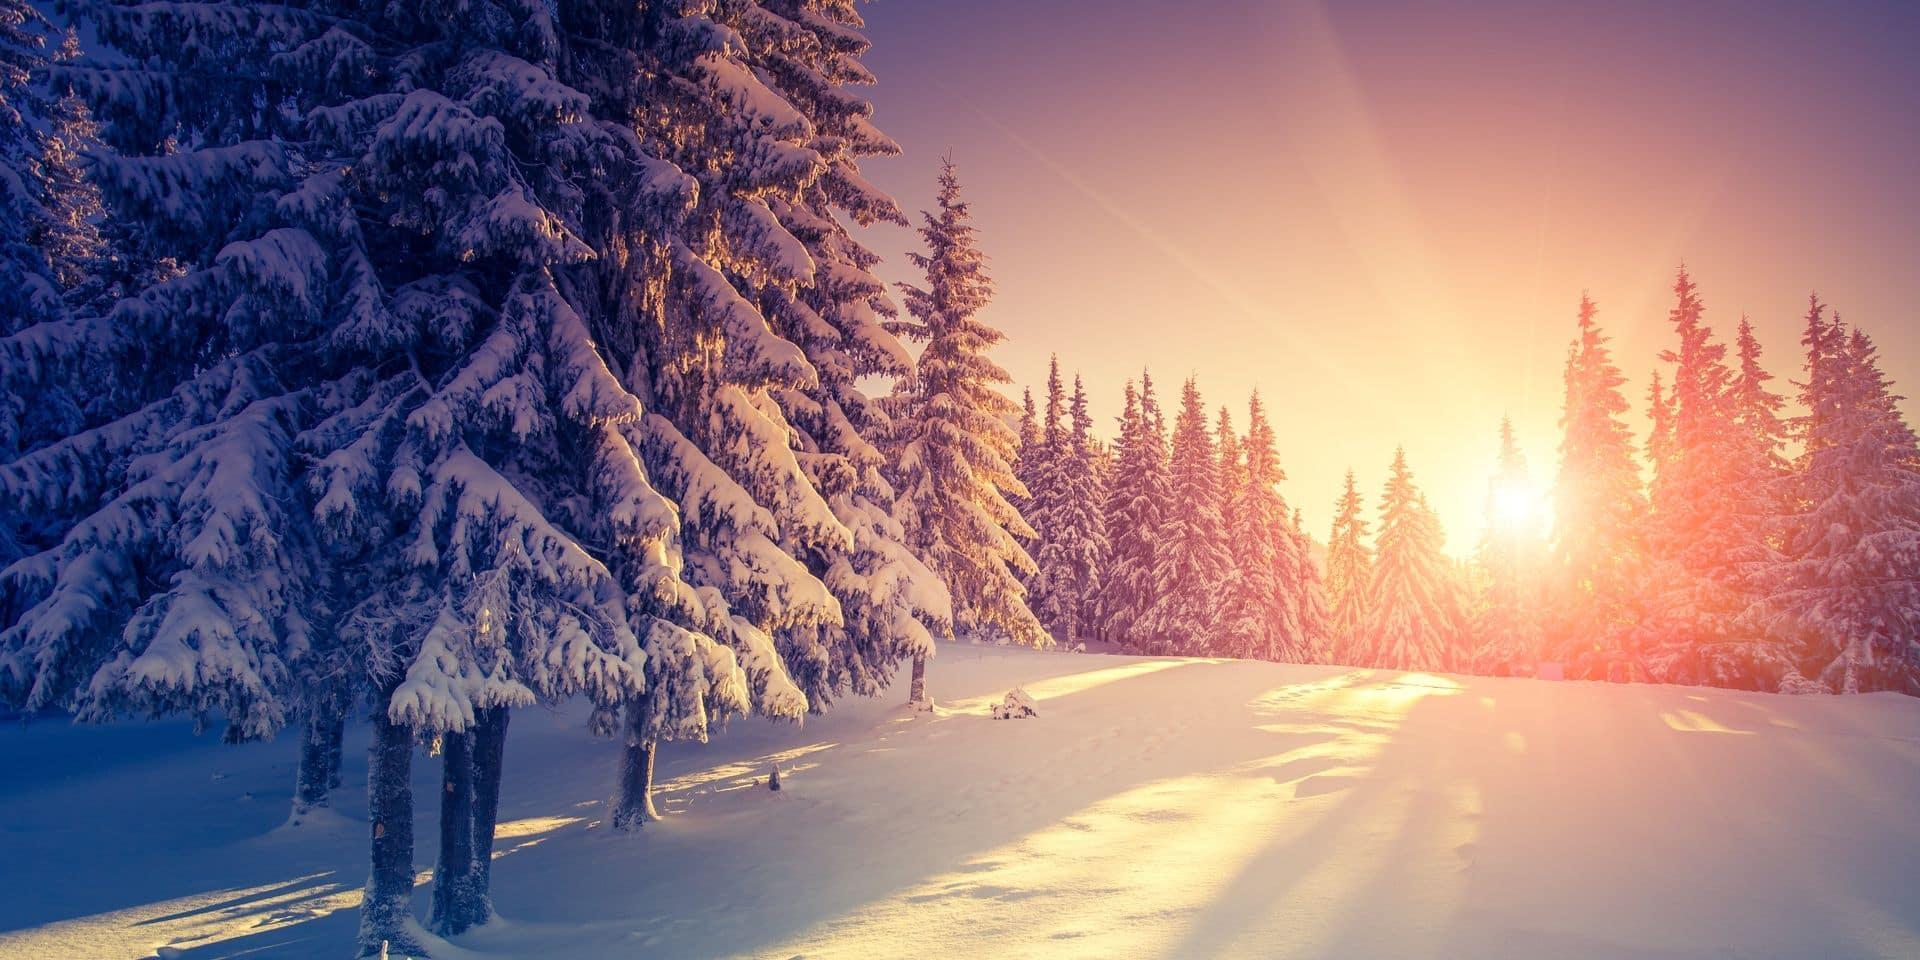 Météo: un temps toujours froid mais ensoleillé partout, le dégel prévu dimanche